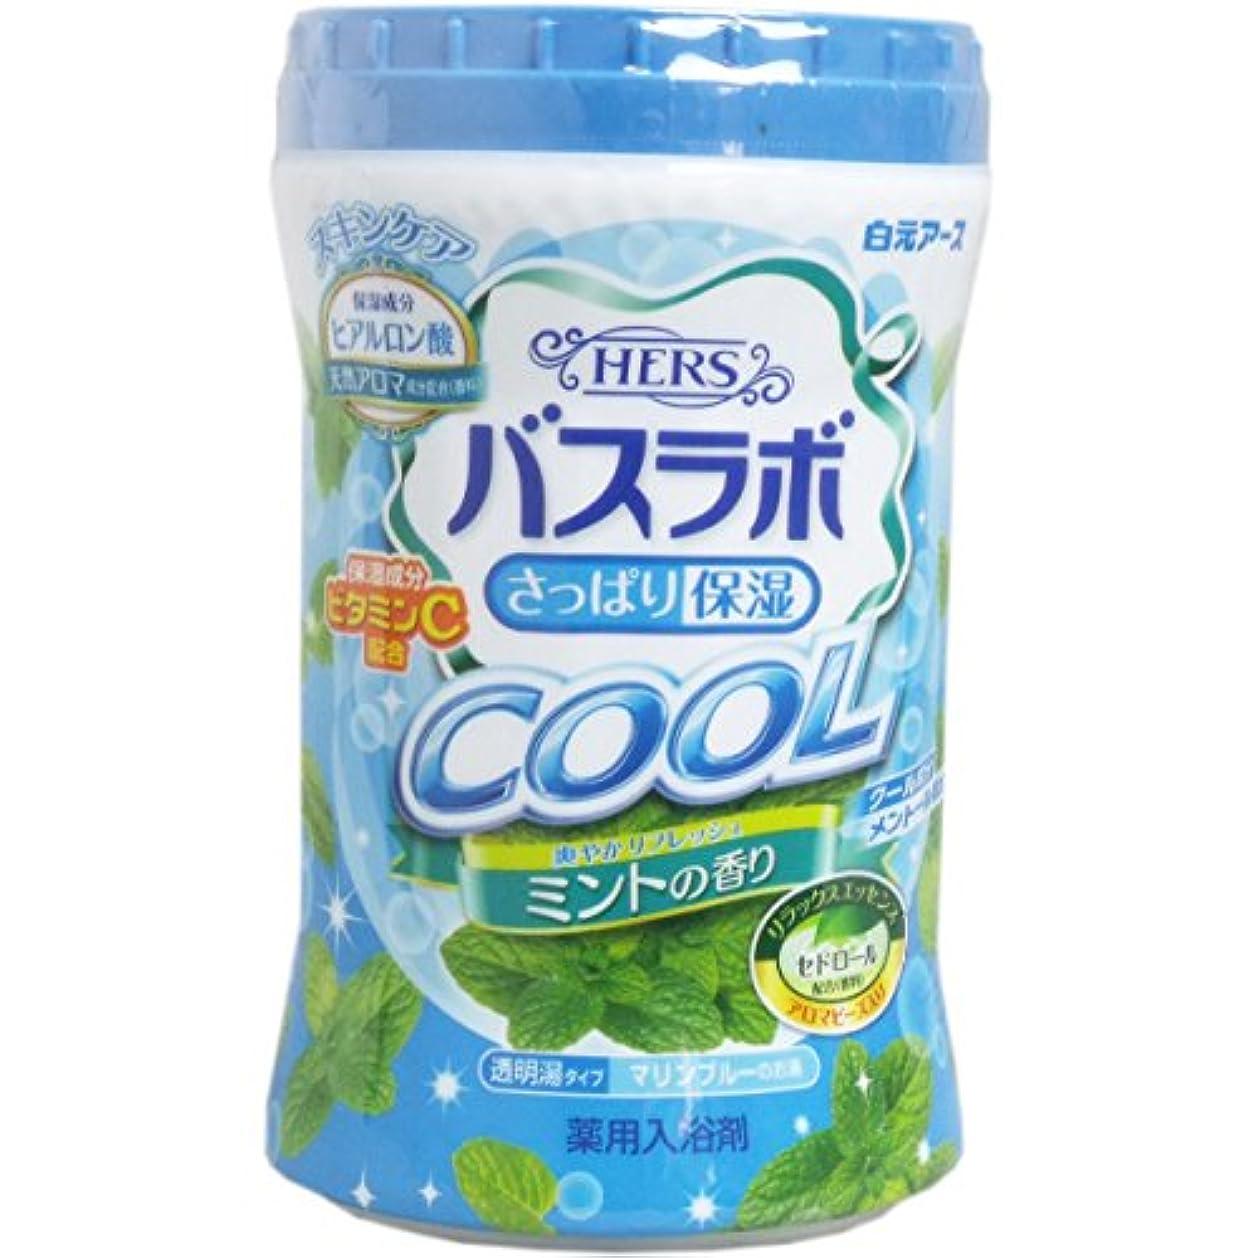 アッティカス明らかにするコジオスコHERSバスラボ ボトル クール ミントの香り 640g